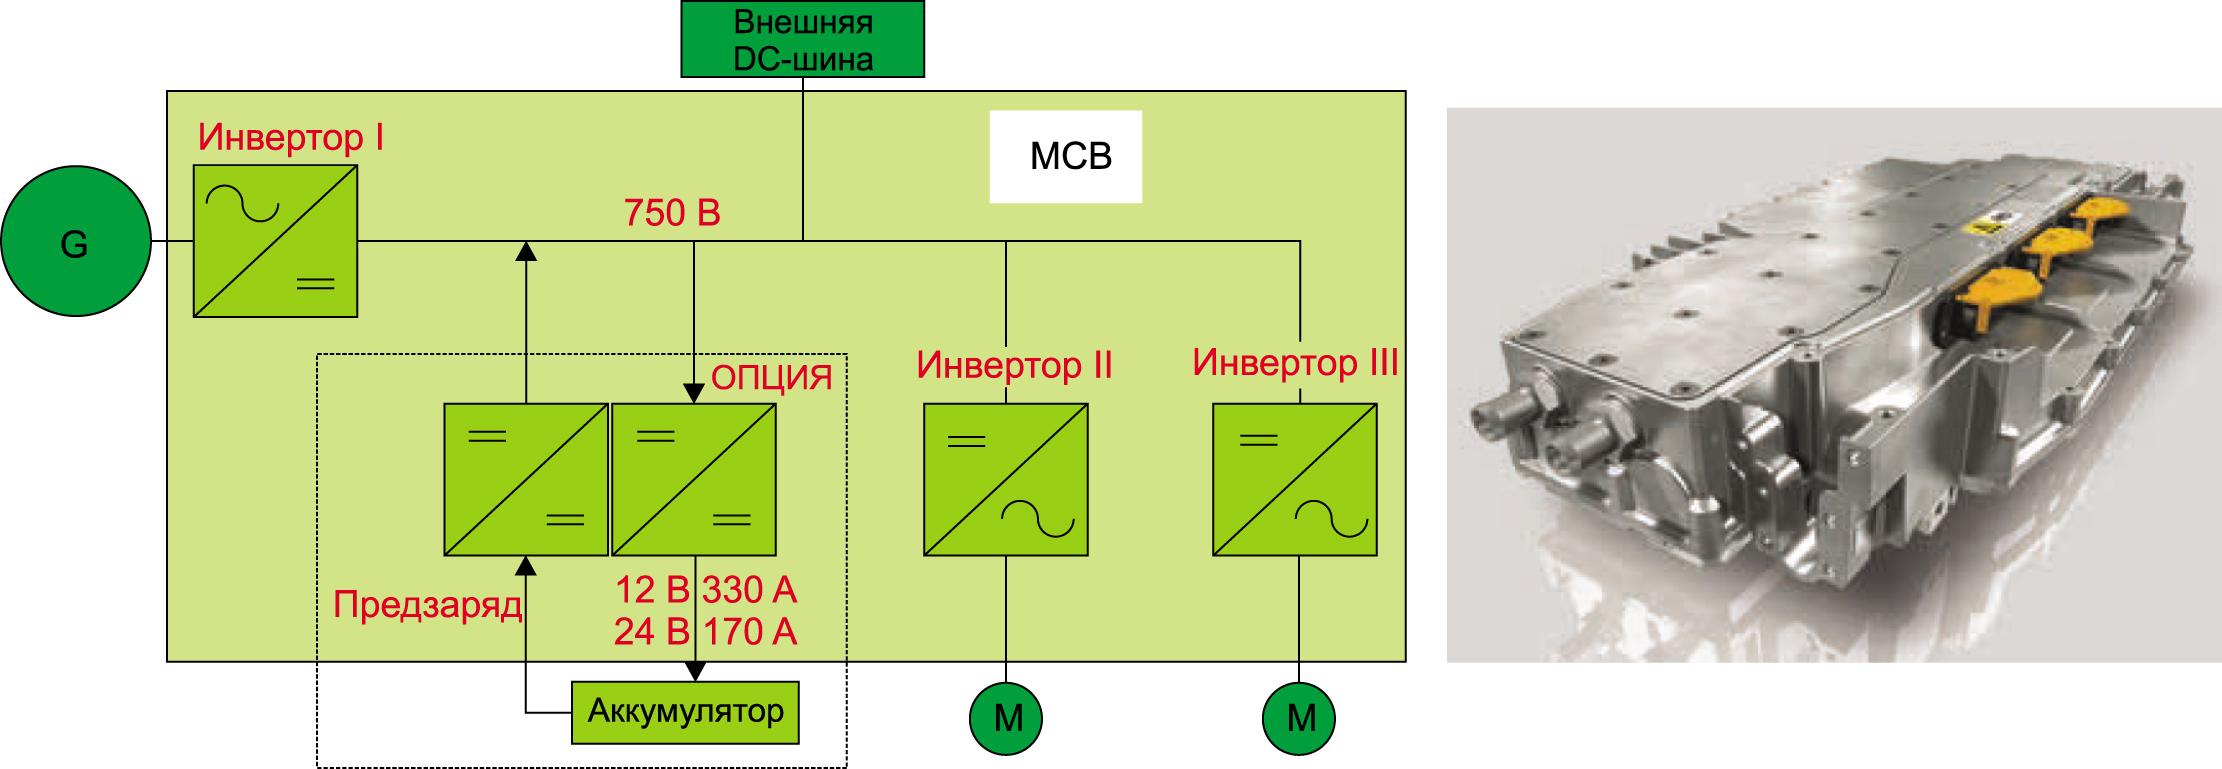 Структура и внешний вид мультиконвертерного блока МСВ (Multi Converter Block). В его состав могут входить зарядное устройство и три инвертора для питания маломощных вентилятора, кондиционера, насоса